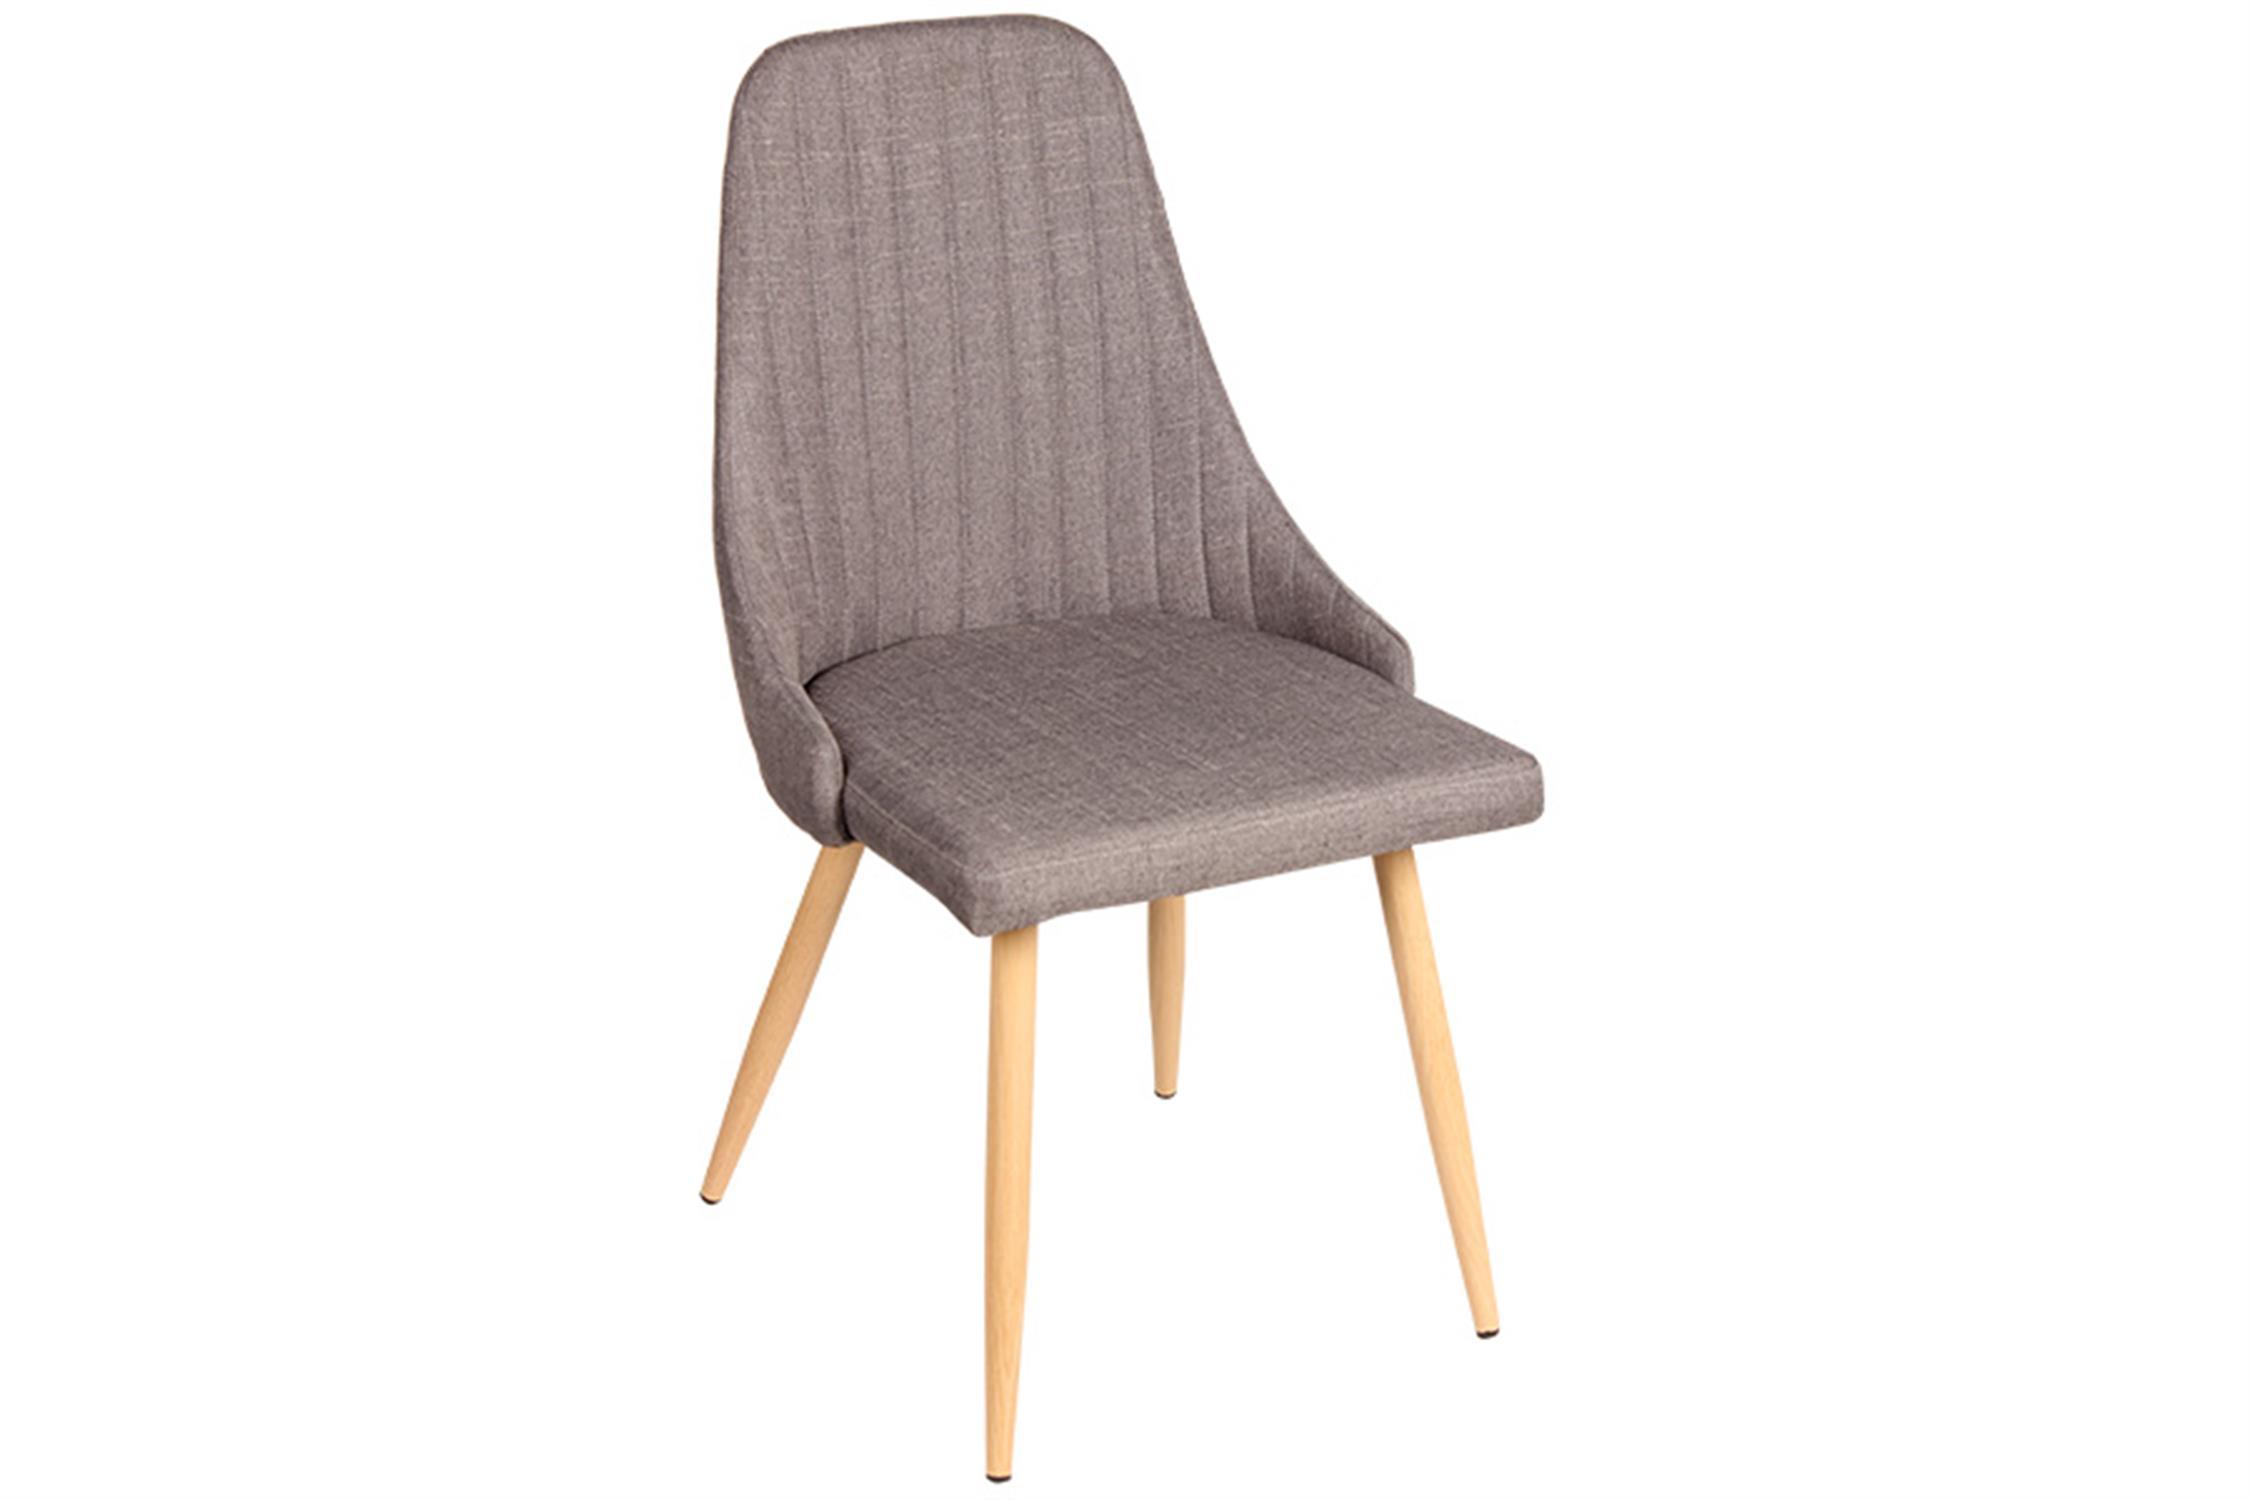 Καρέκλα Carla με μεταλλικά πόδια υφασμάτινη γκρι/natural 49x45x91cm Home Plus 01.01.0885